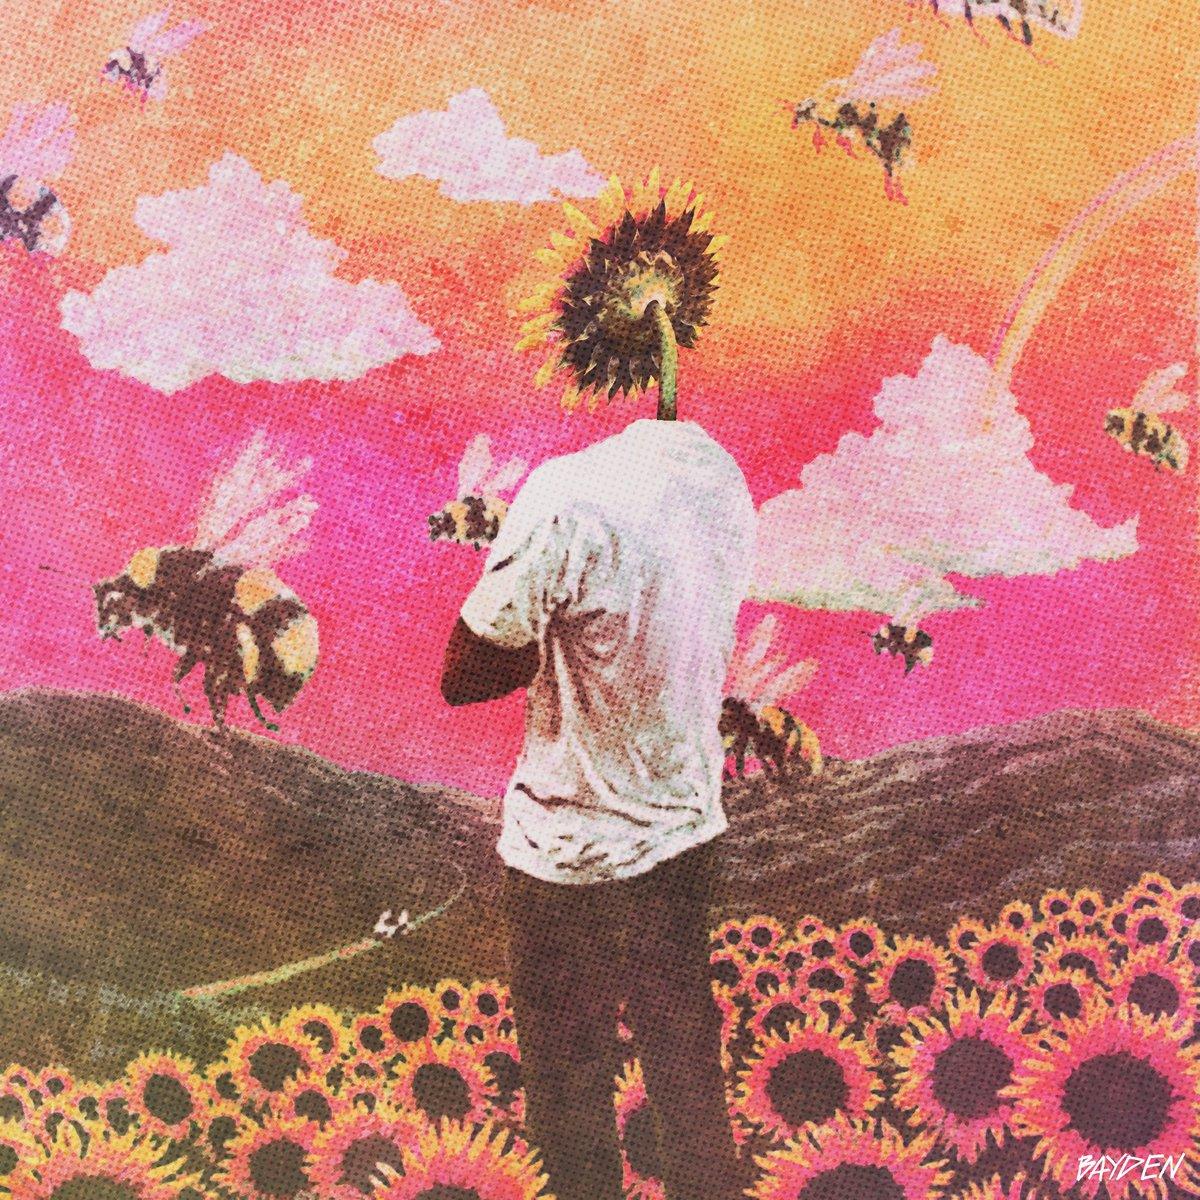 edited @tylerthecreator 's sunflower cover art for fun. #art #gfx #edit #tyler #tylerthecreator #tylerart #rap #rapart #coverart #design